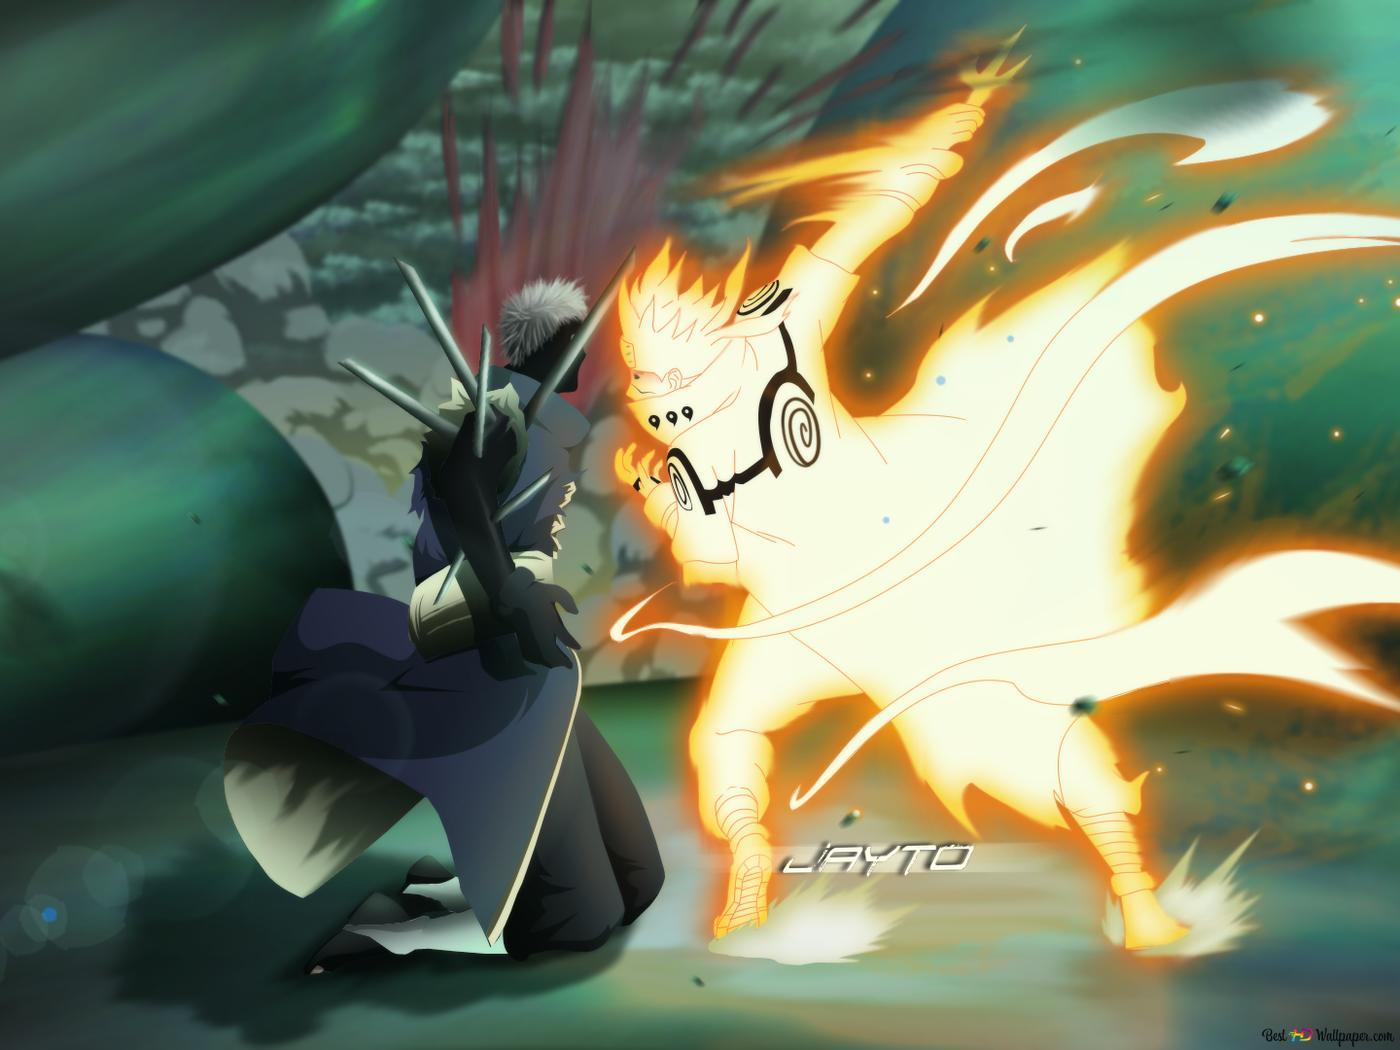 Descargar fondo de pantalla Naruto Shippuden - Tobi, Cuarto ...